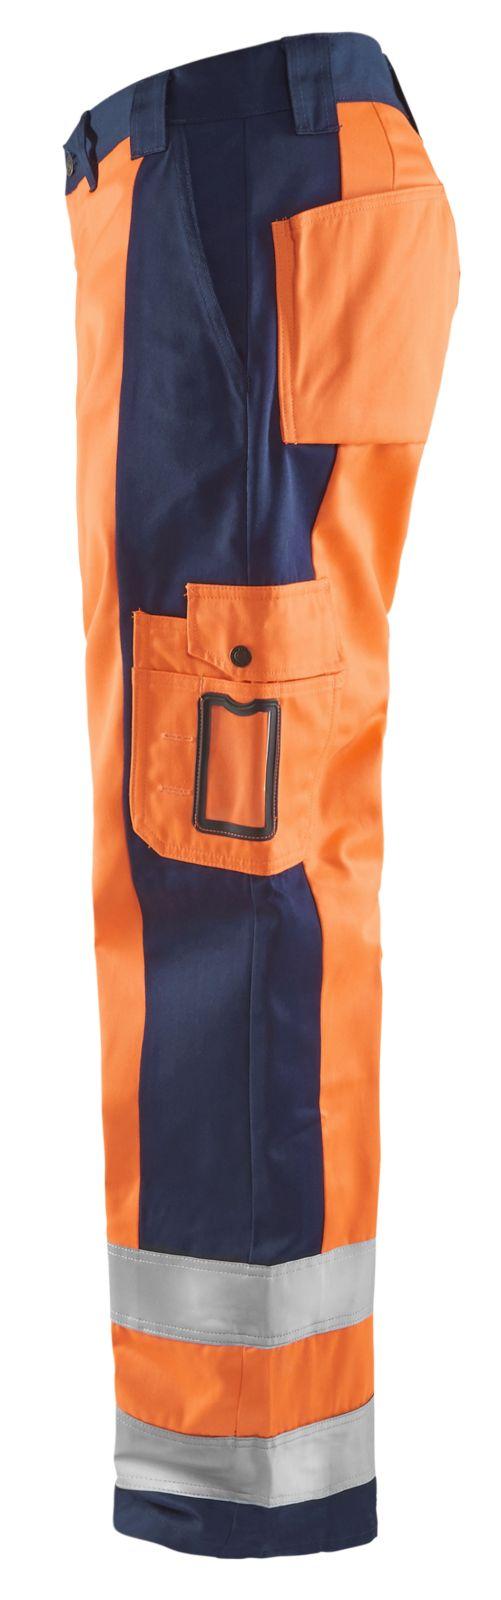 Blaklader Werkbroeken 15831860 High Vis oranje-marineblauw(5389)